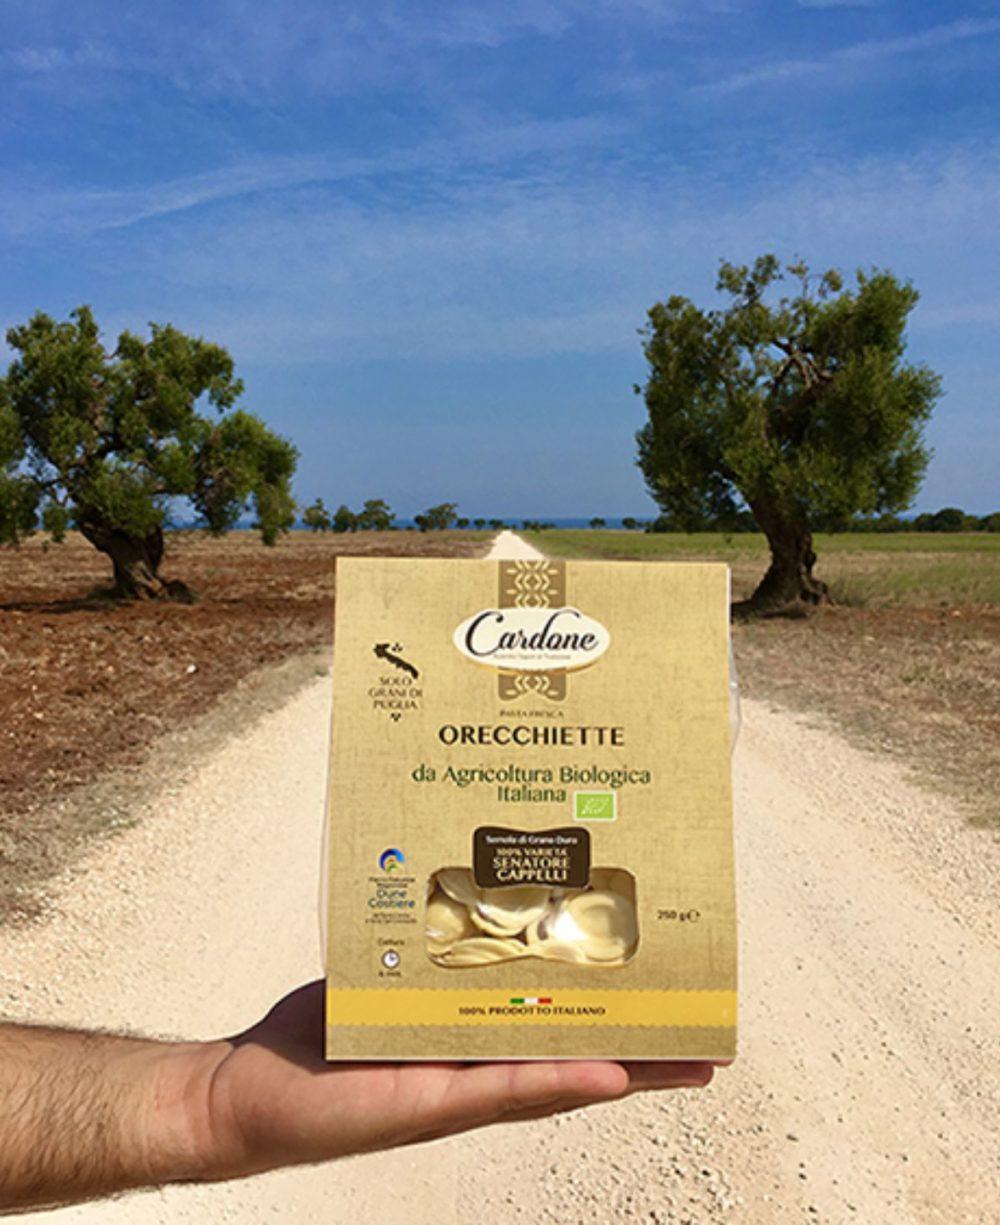 Pastficio Cardone